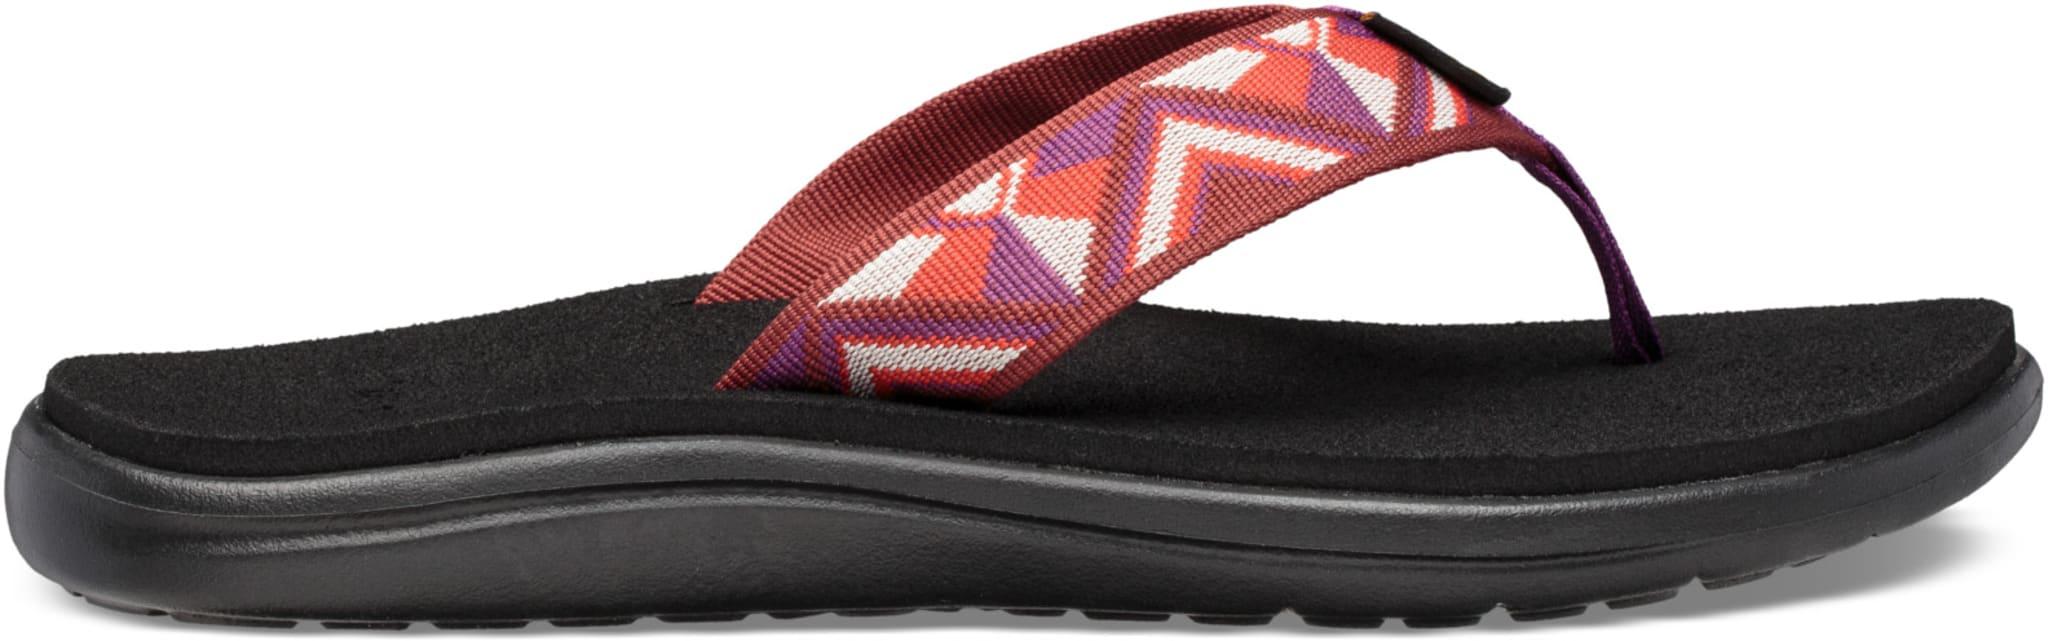 Superkomfy flip-flops